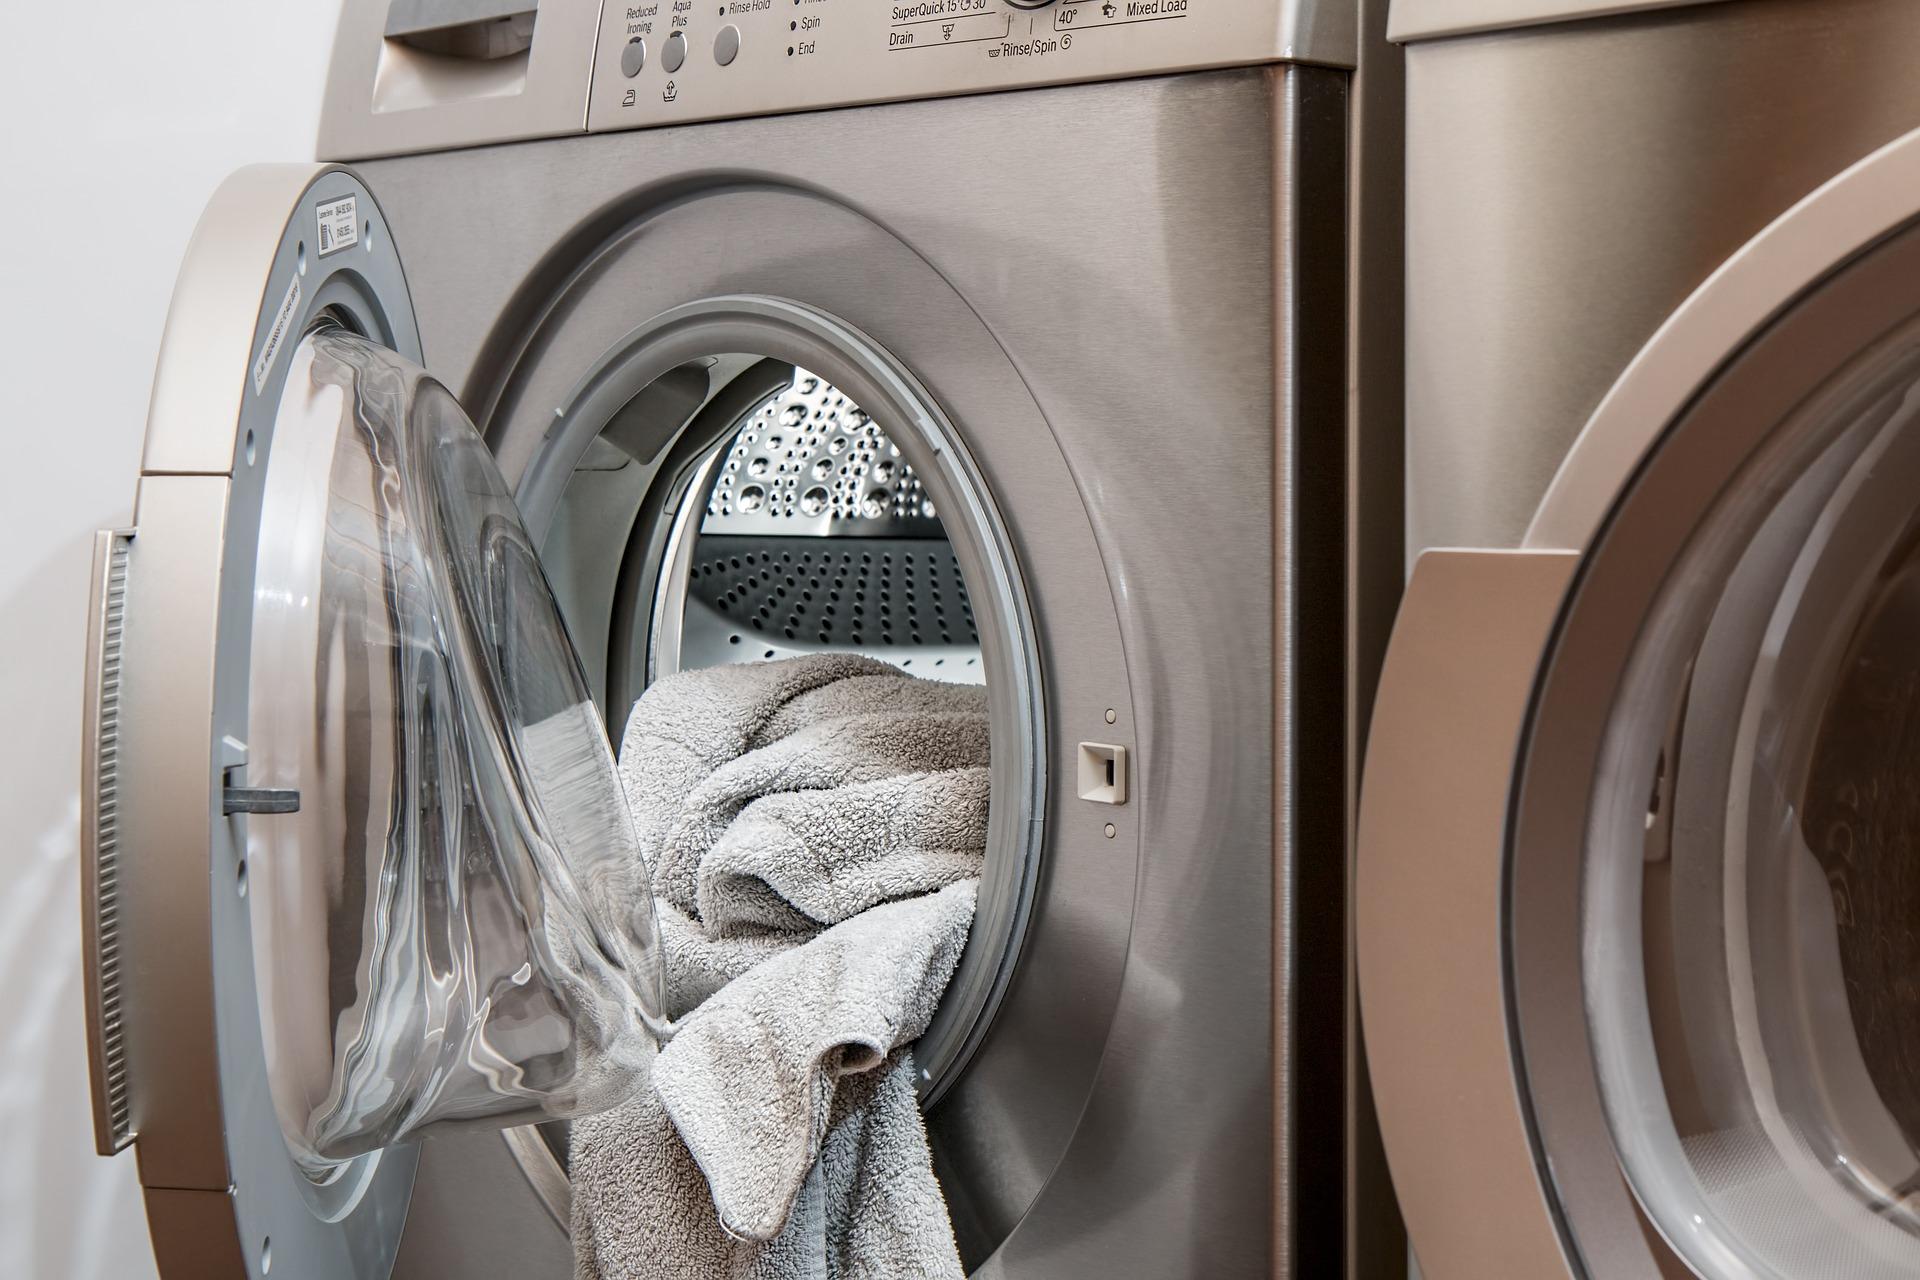 เครื่อง ซัก ผ้าขนาด ที่ ซัก ผ้า นวม ได้